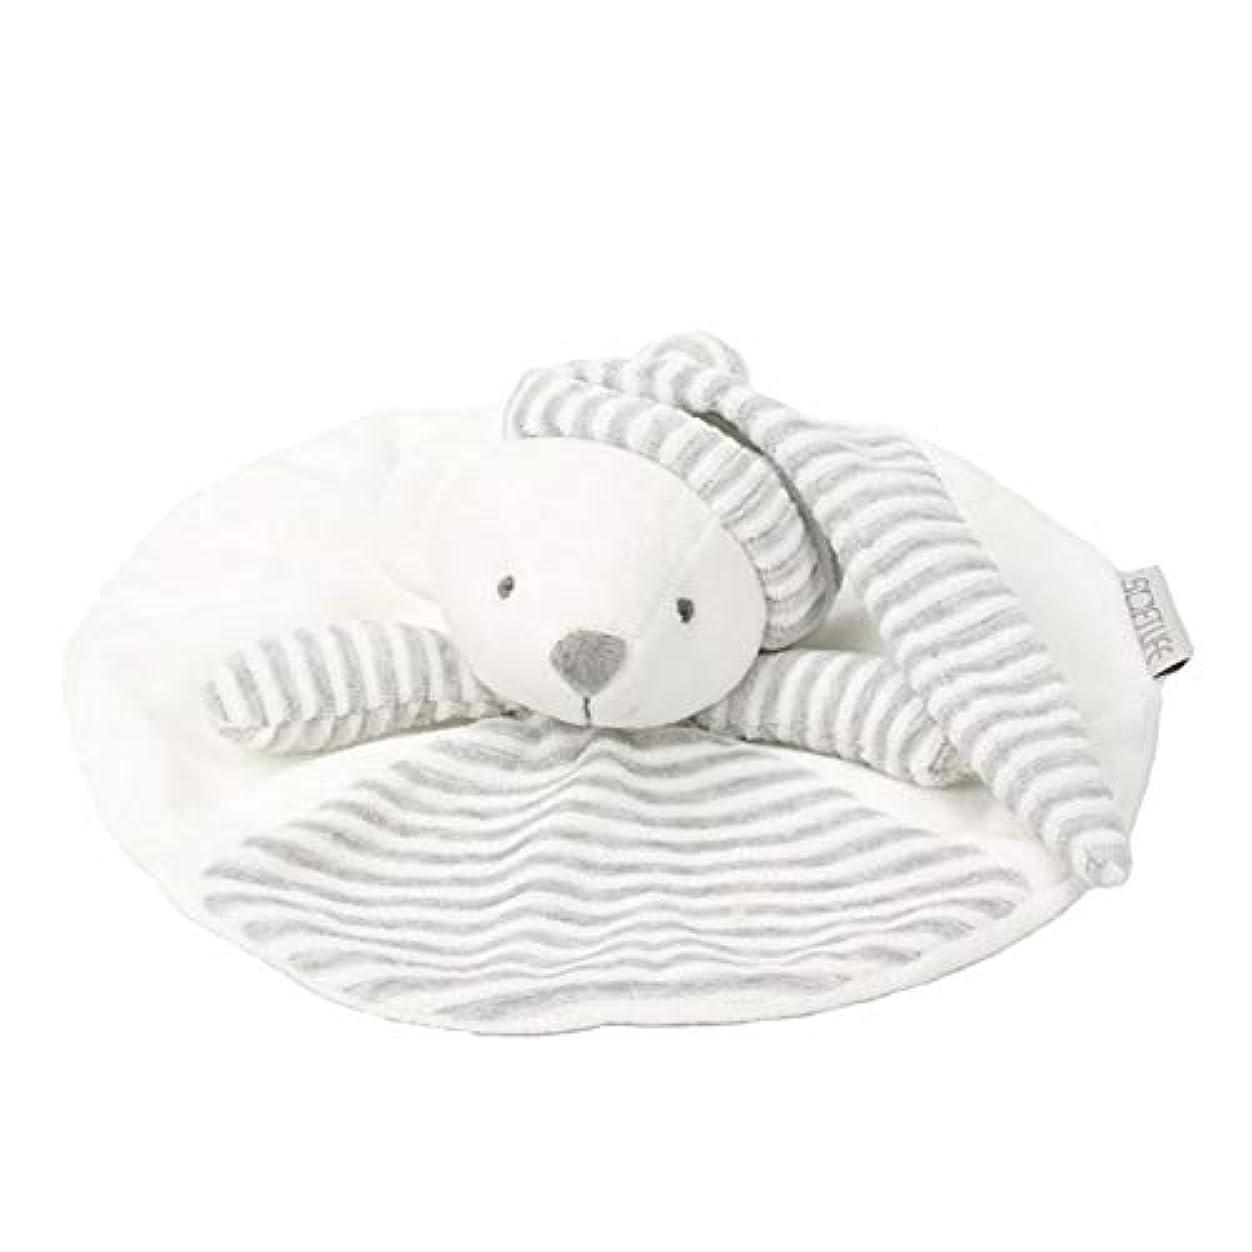 代理人プレゼン静かなbeibe 赤ちゃん 寝かしつけ用 くま うさぎ おしゃぶりタオル やわらか手触り お誕生日 出産祝い ギフト